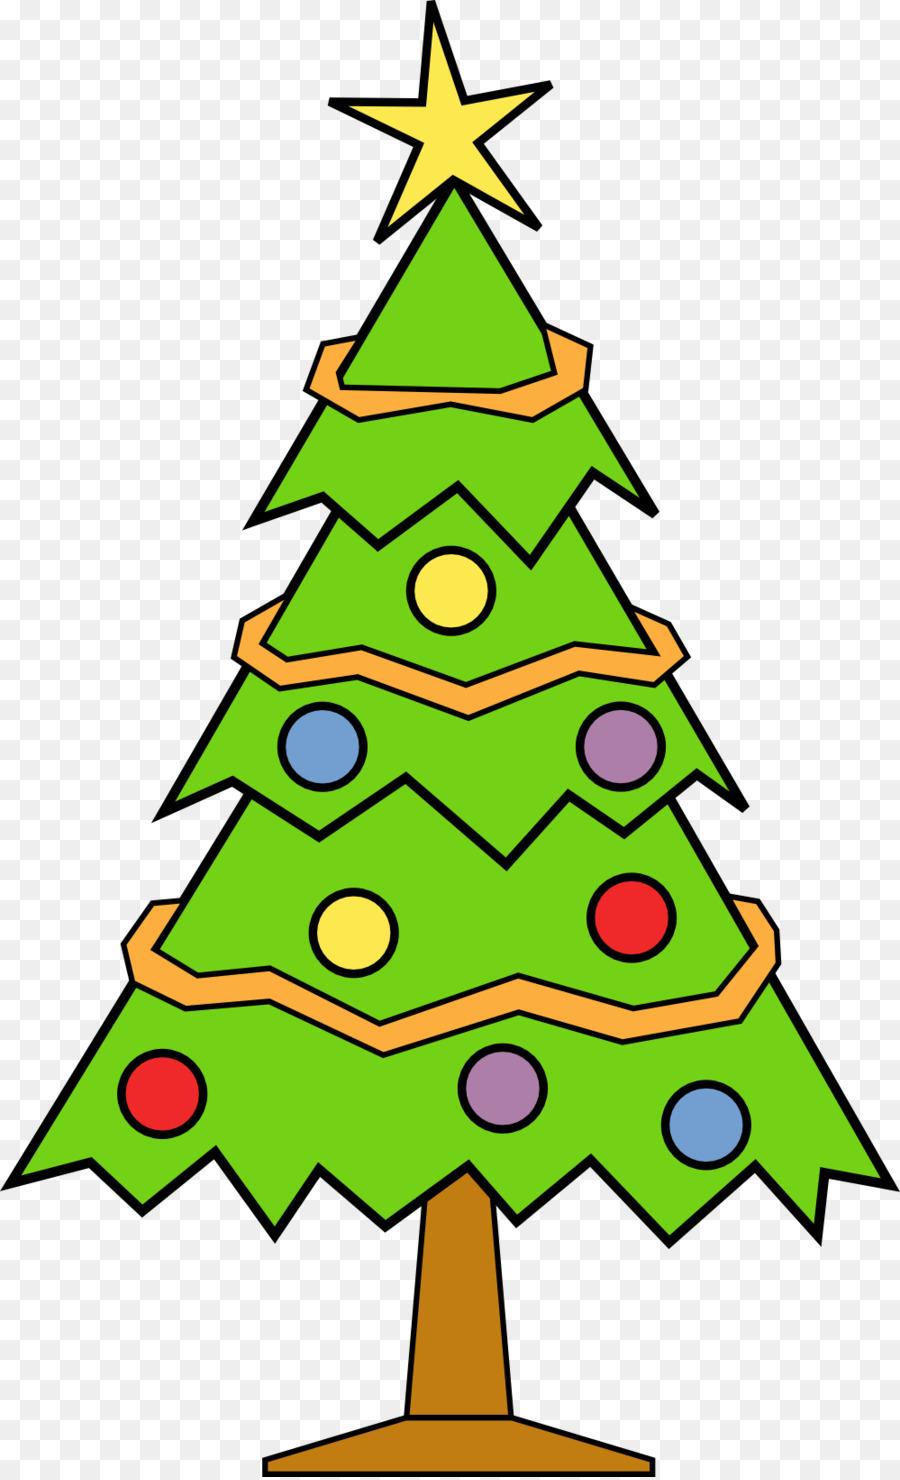 圣诞树剪辑艺术圣诞树剪辑艺术